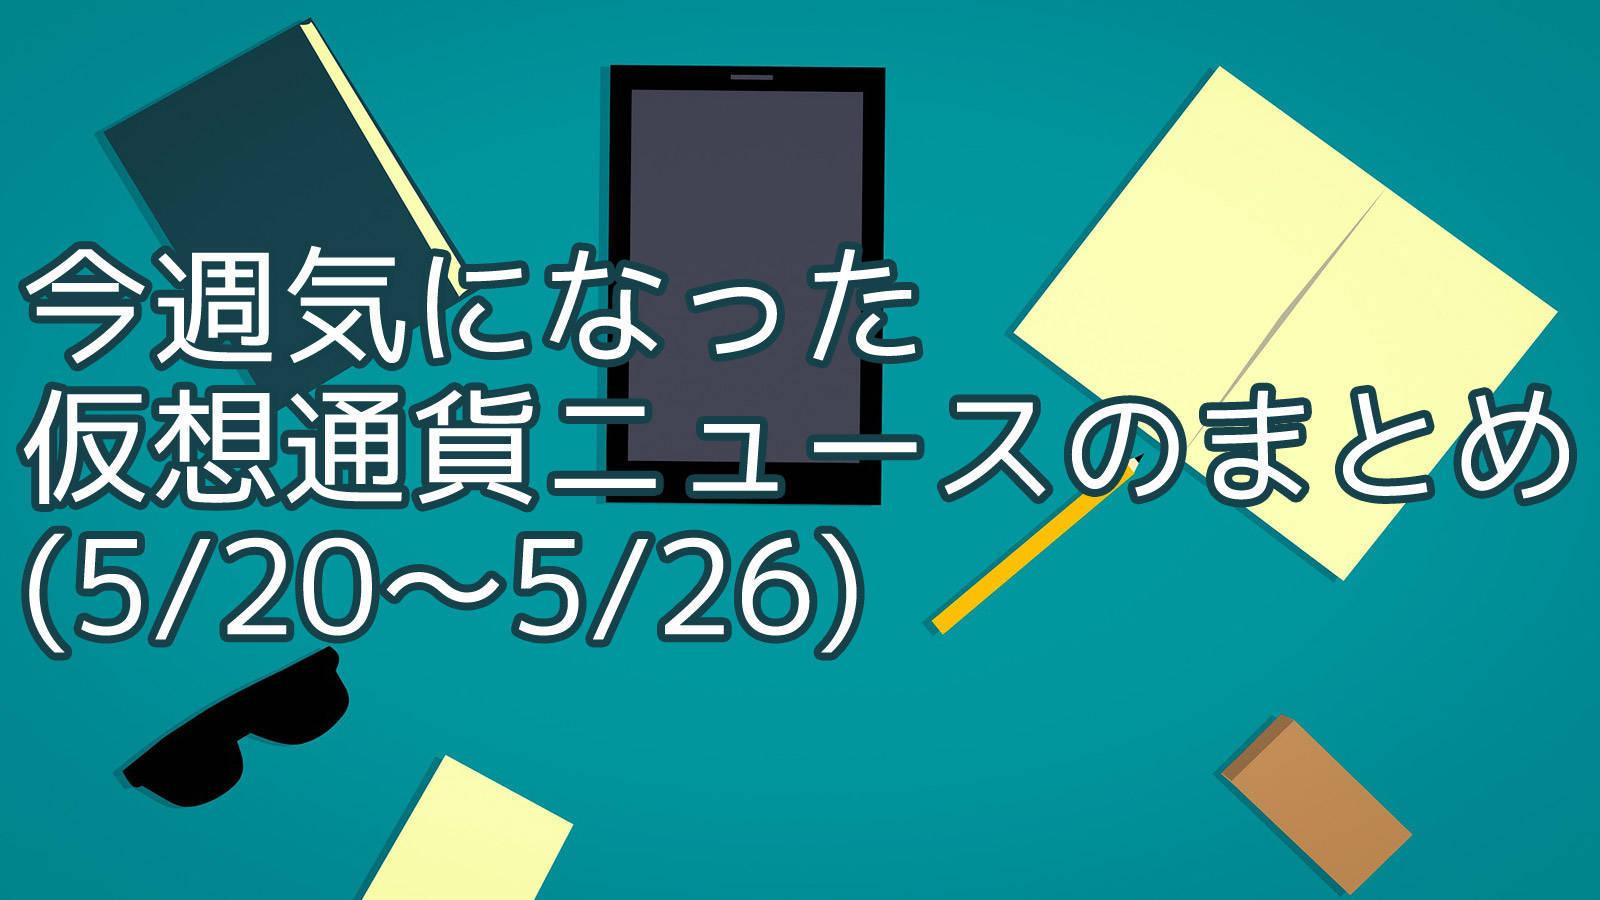 今週気になった仮想通貨ニュースのまとめ (5/20〜5/26)